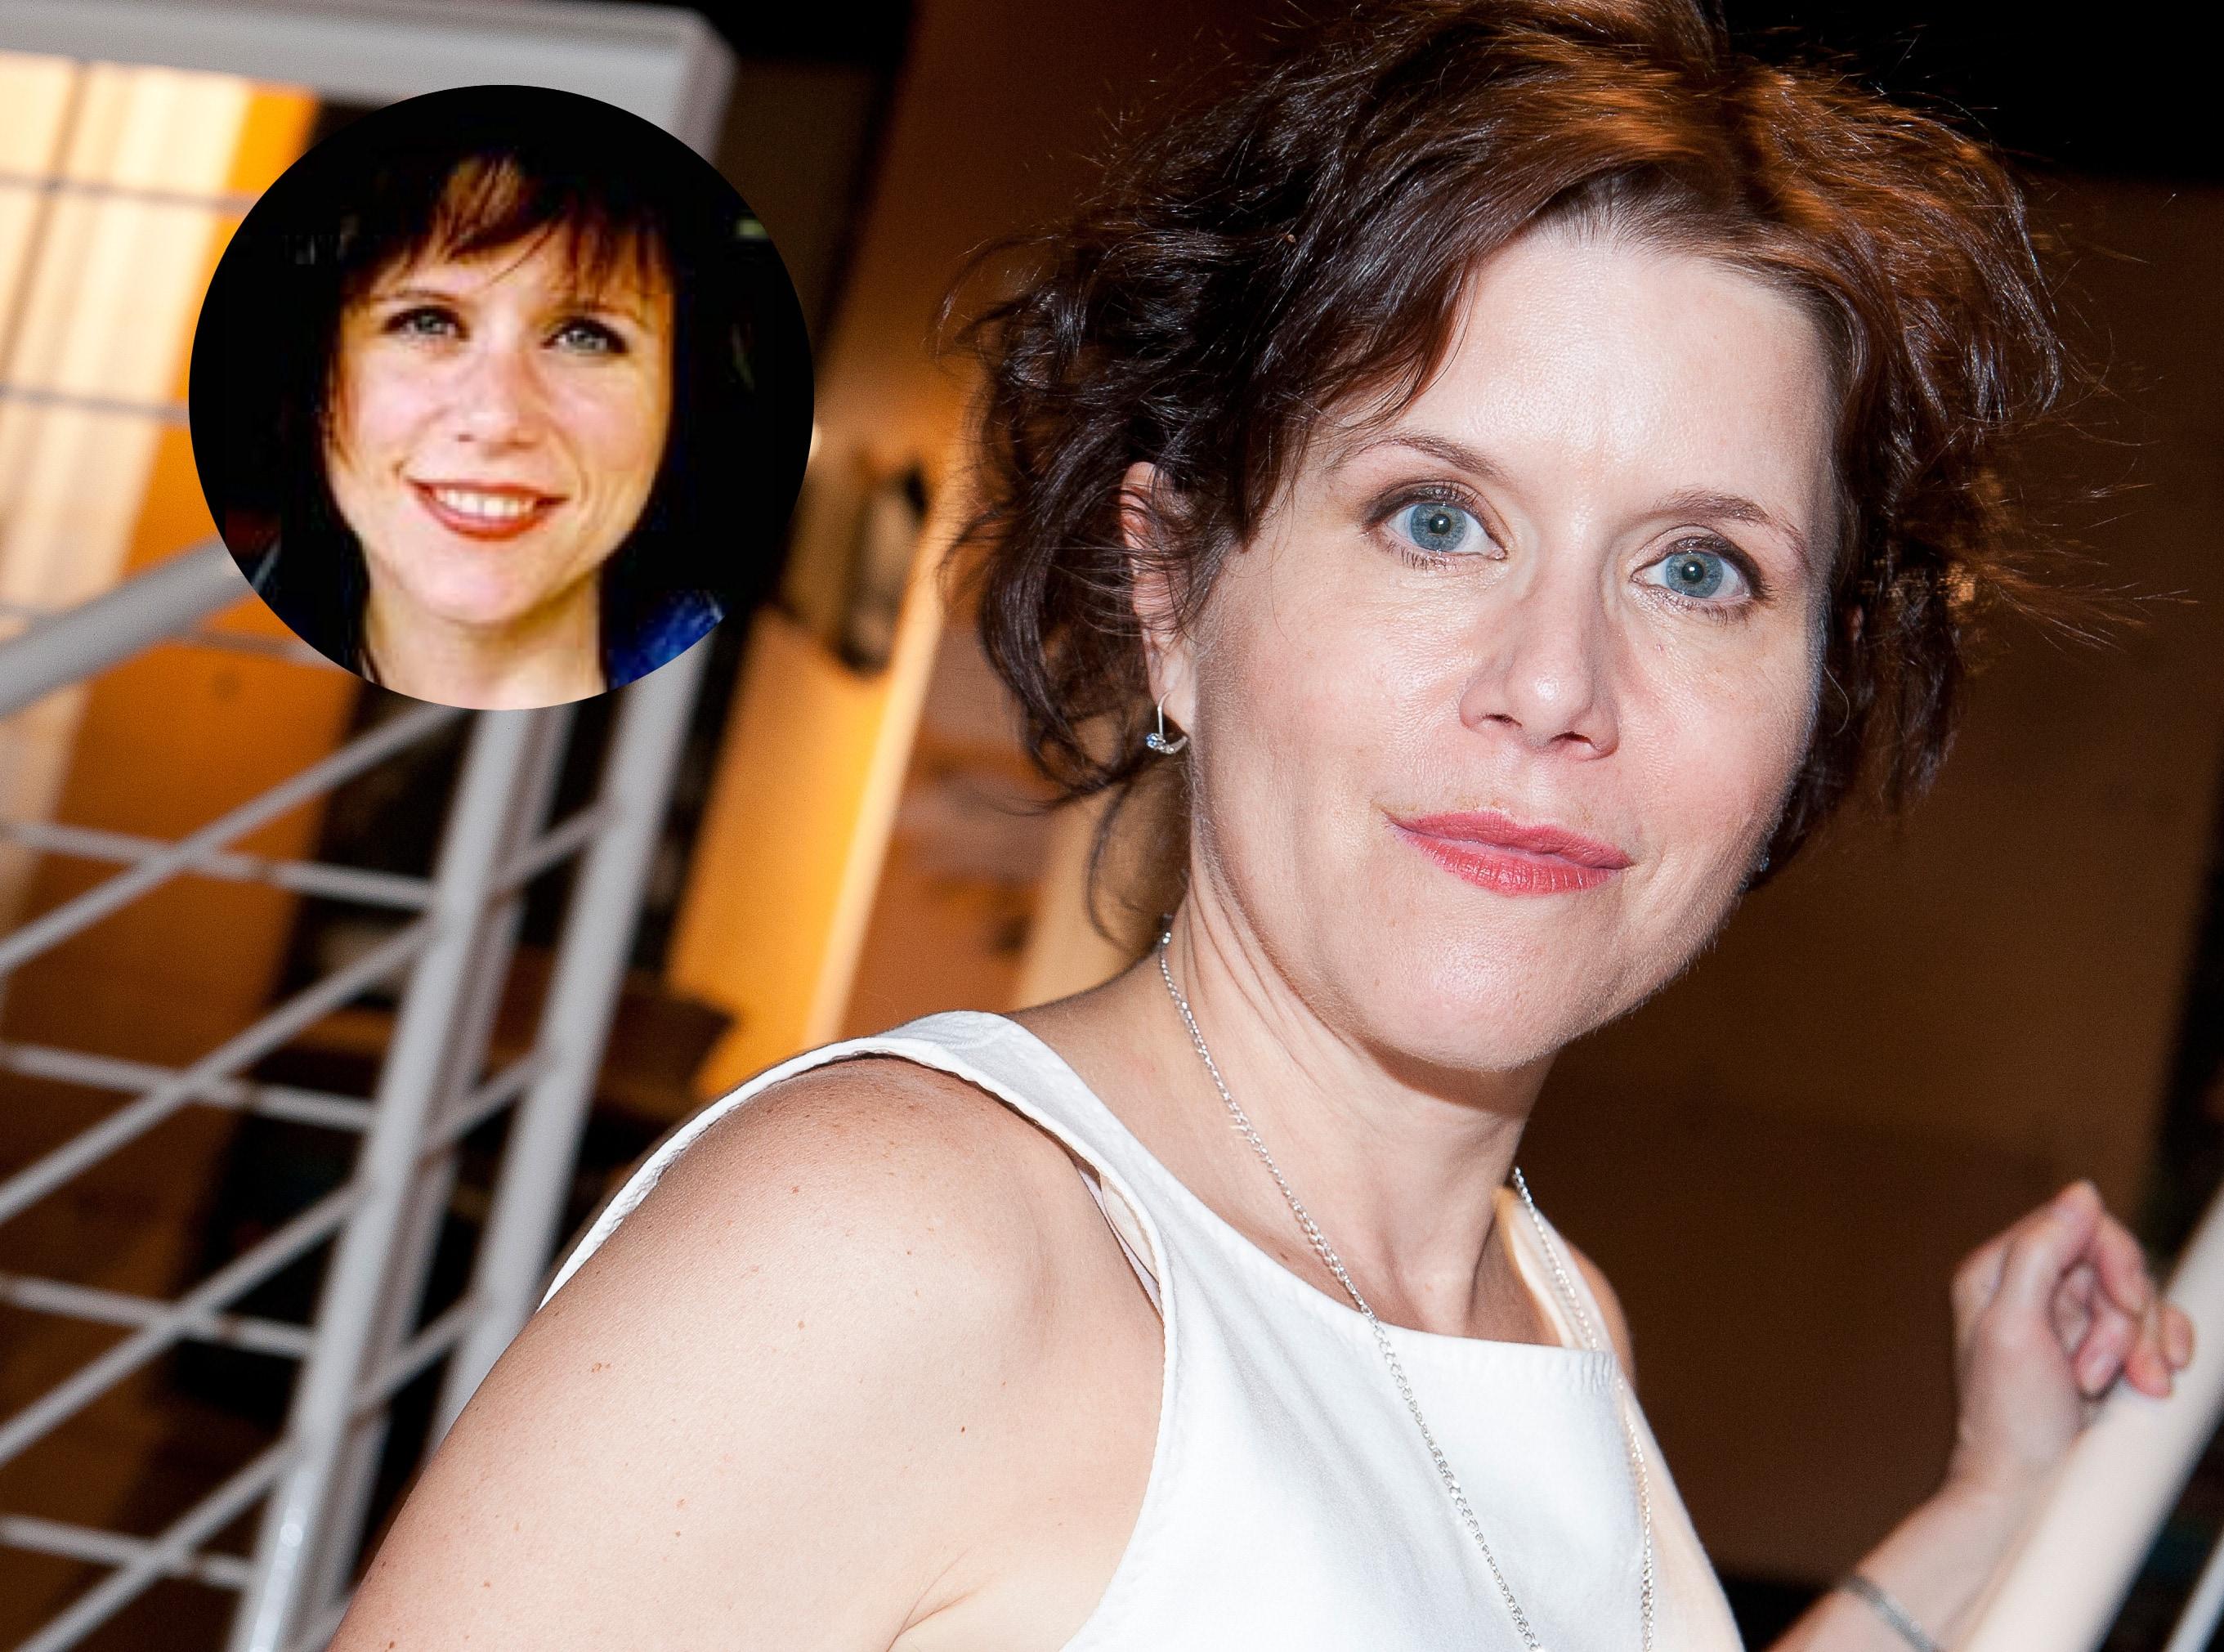 Forum on this topic: Susan Gordon, pascale-montpetit/